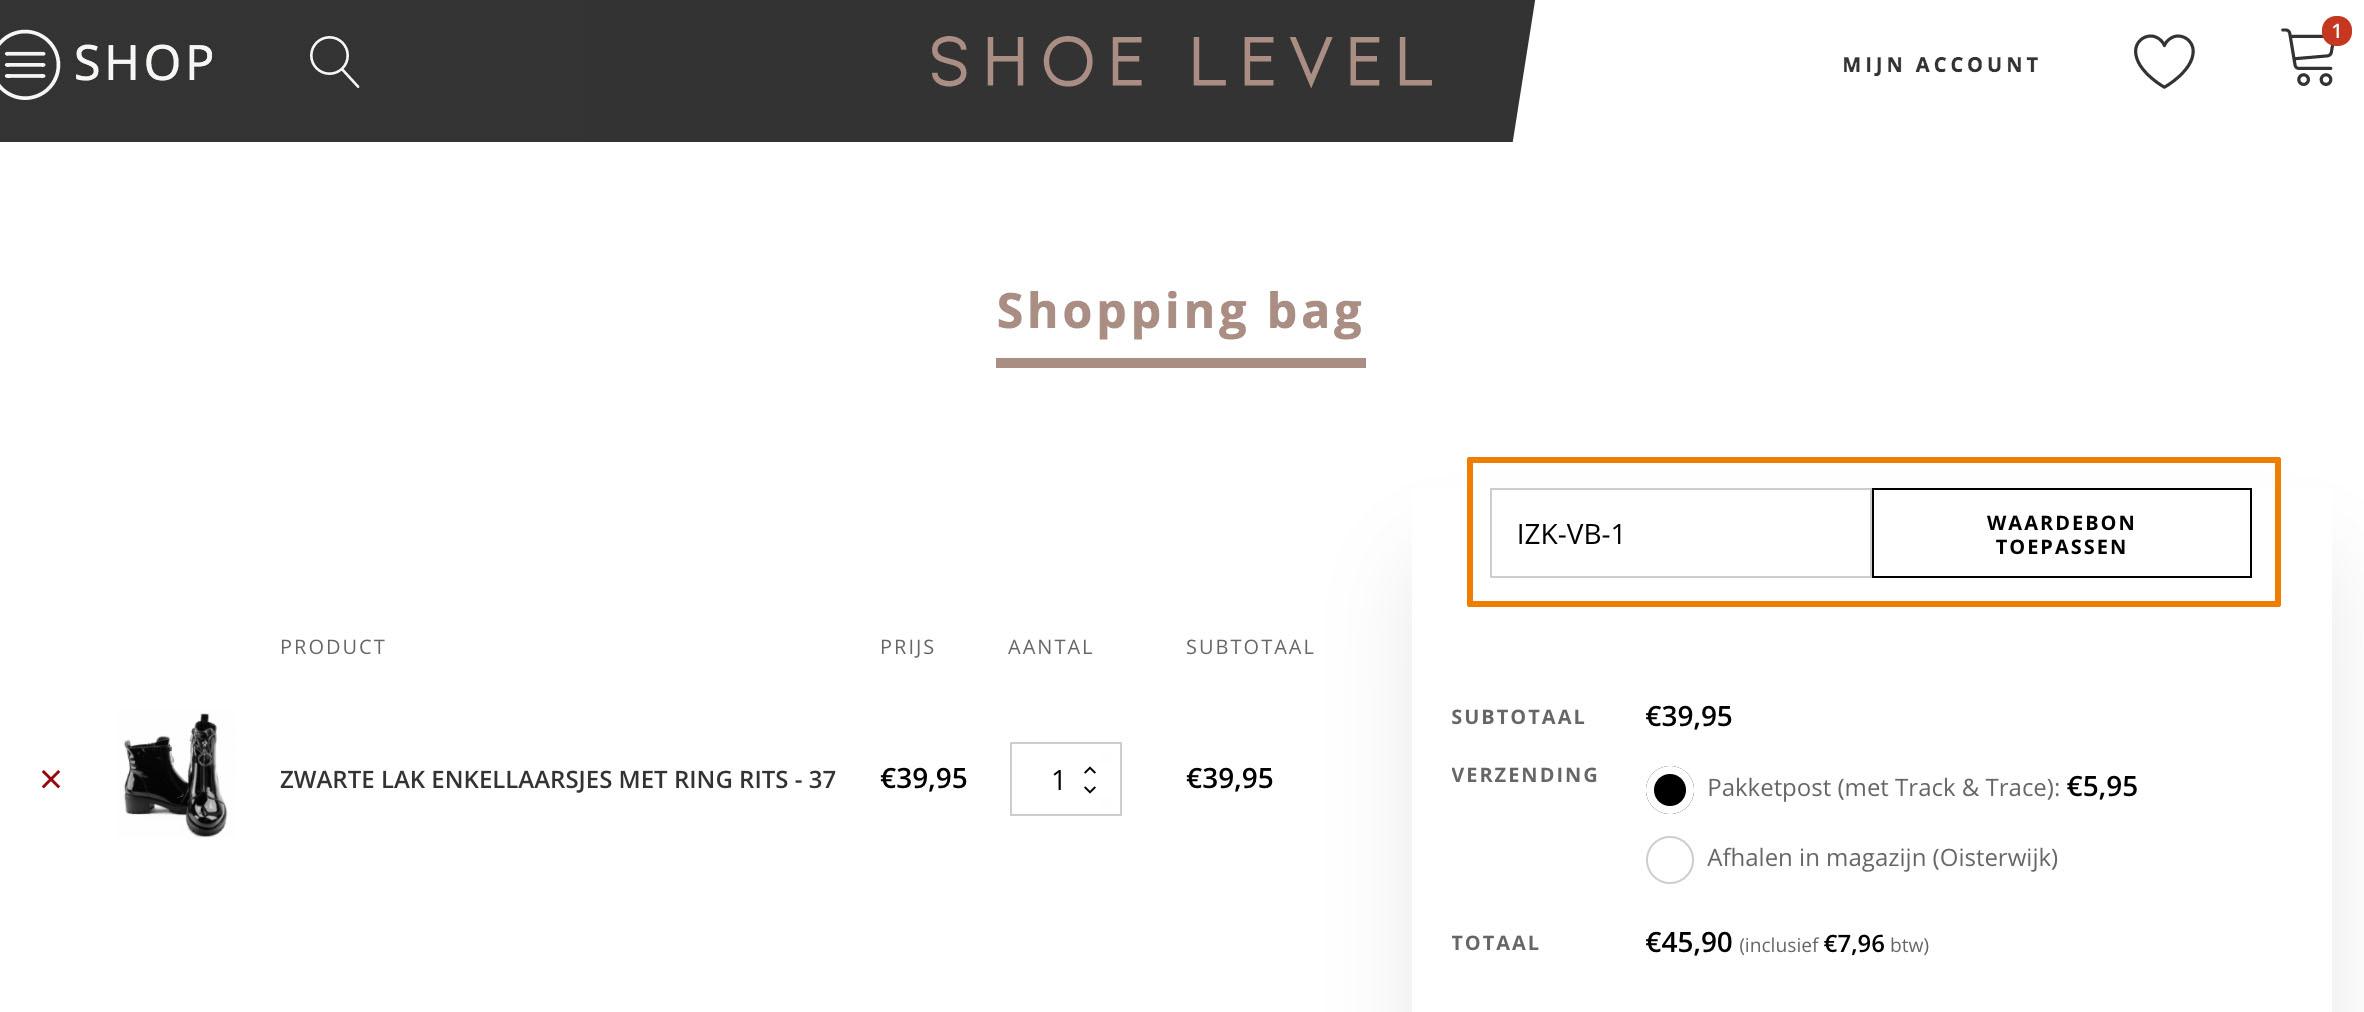 Hoe gebruik je een Shoe Level aanbieding